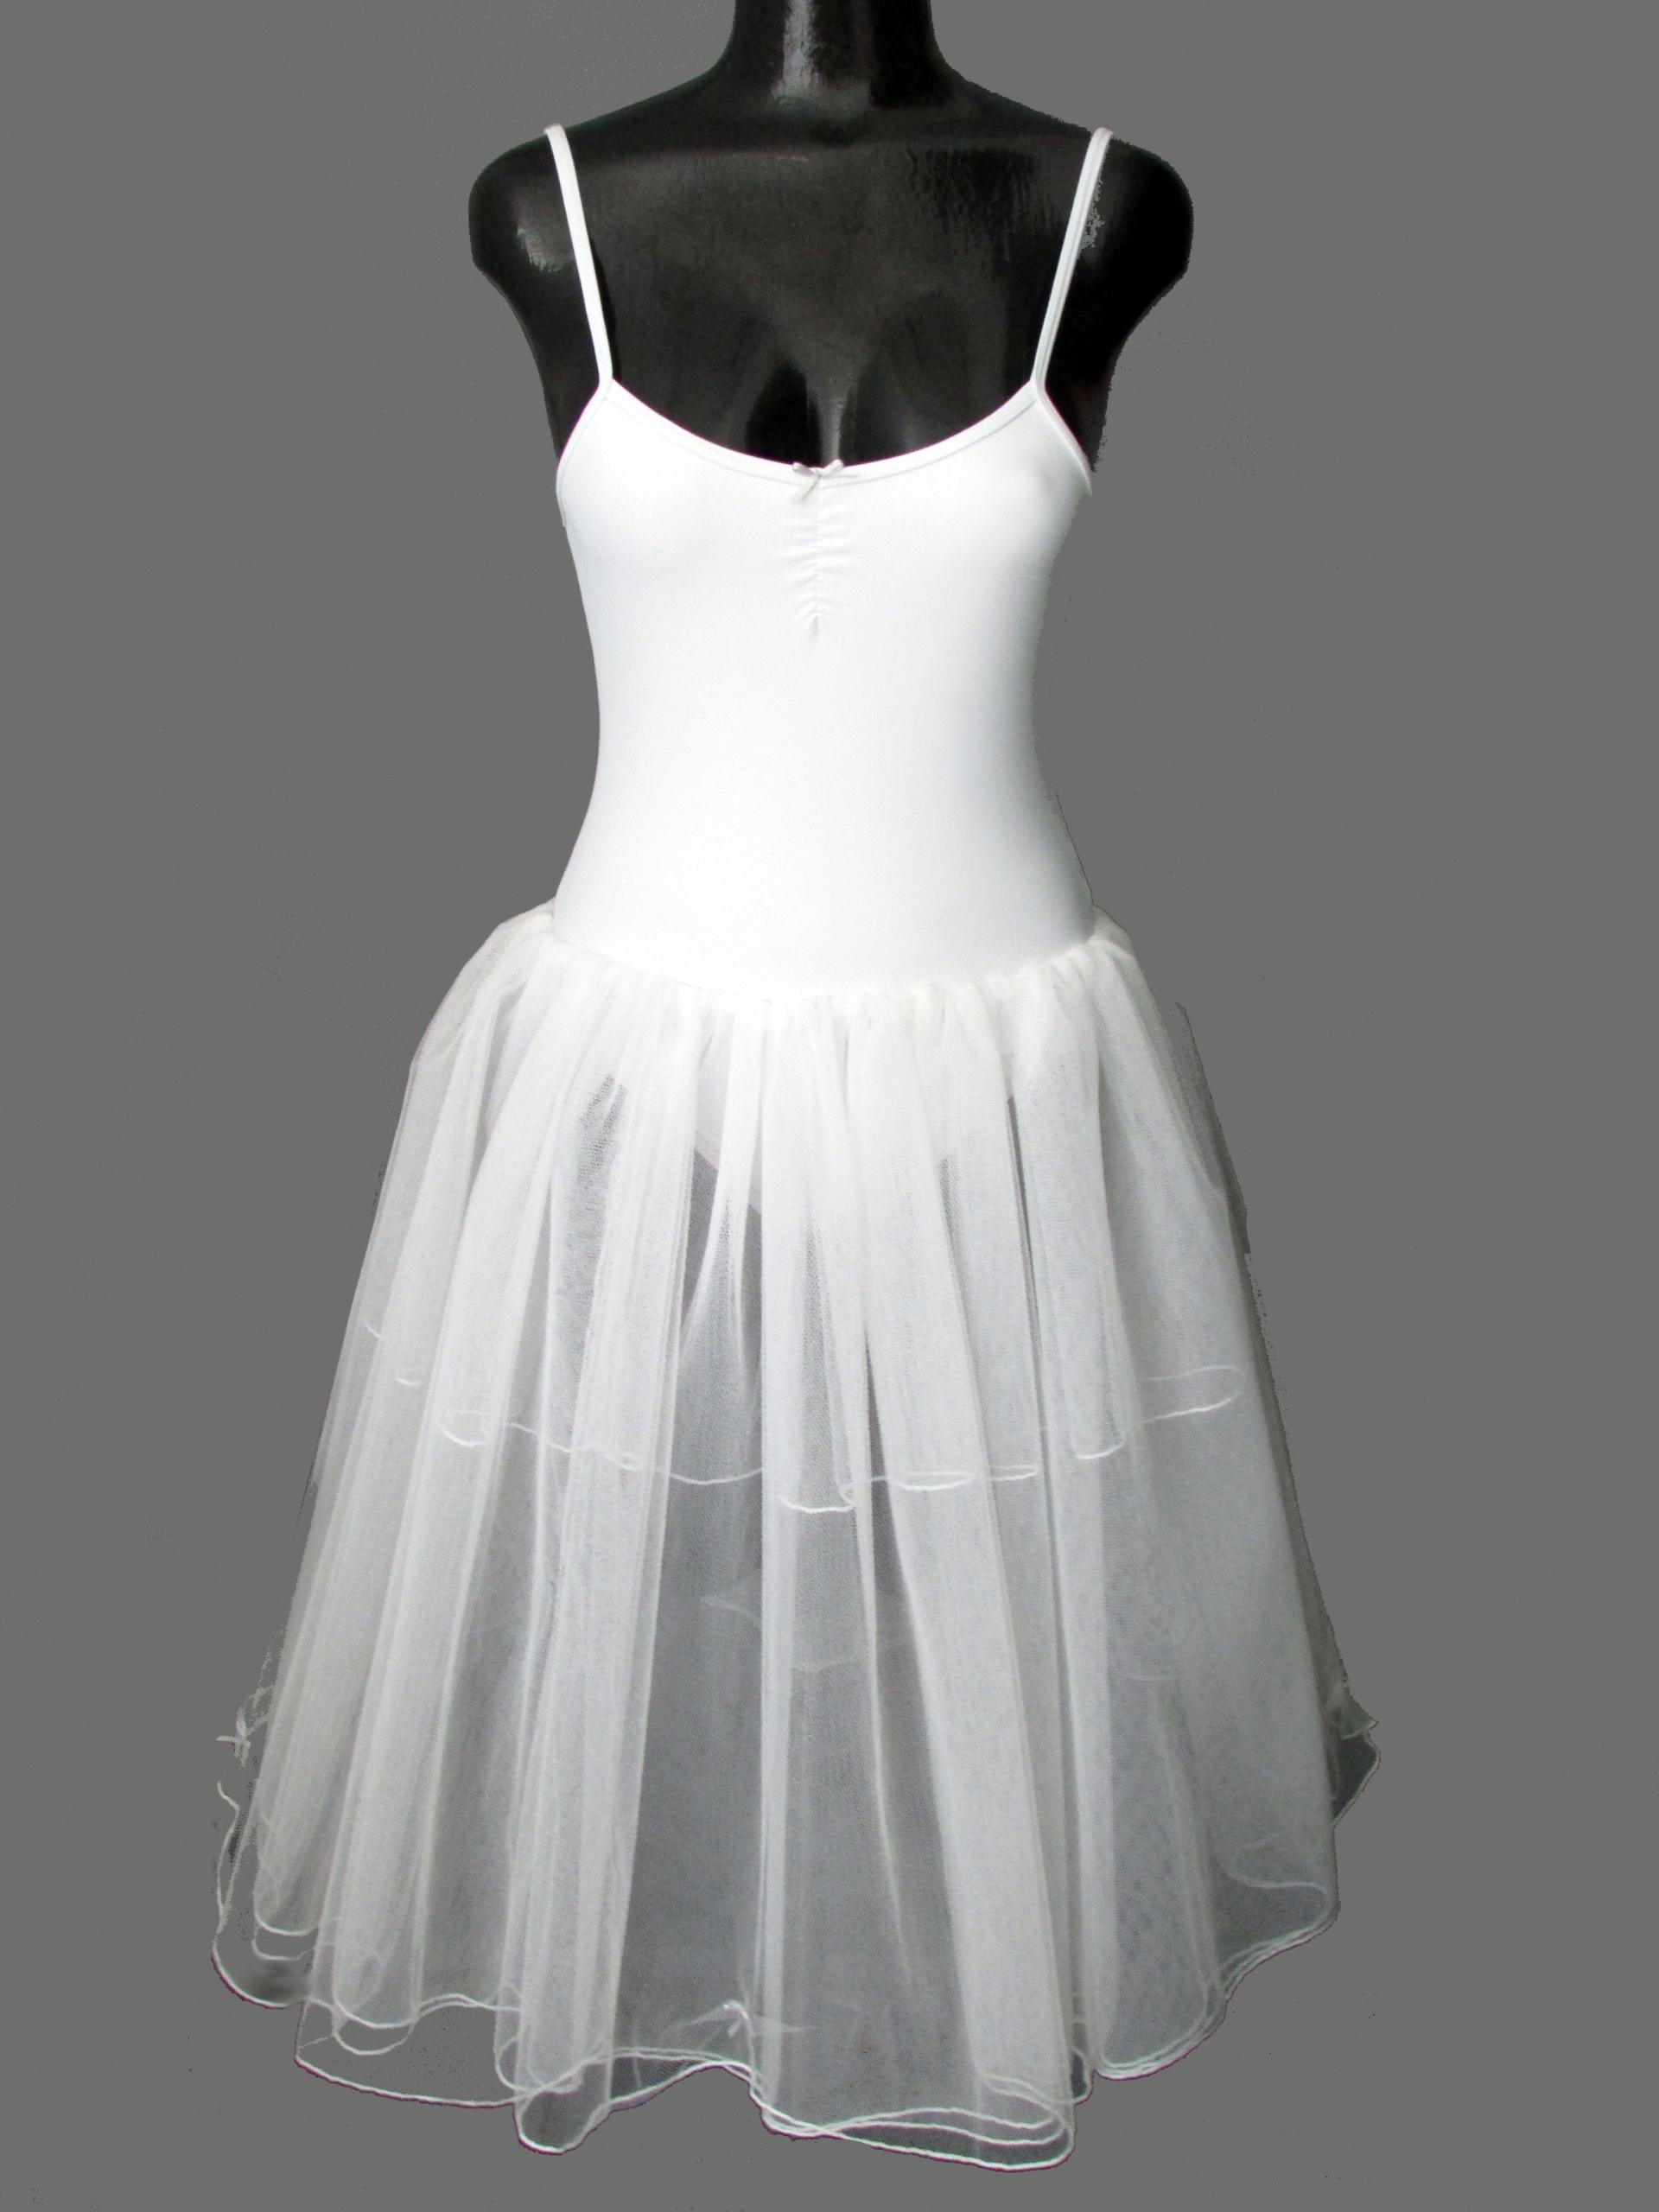 White romantic tutu with 4 layered skirt